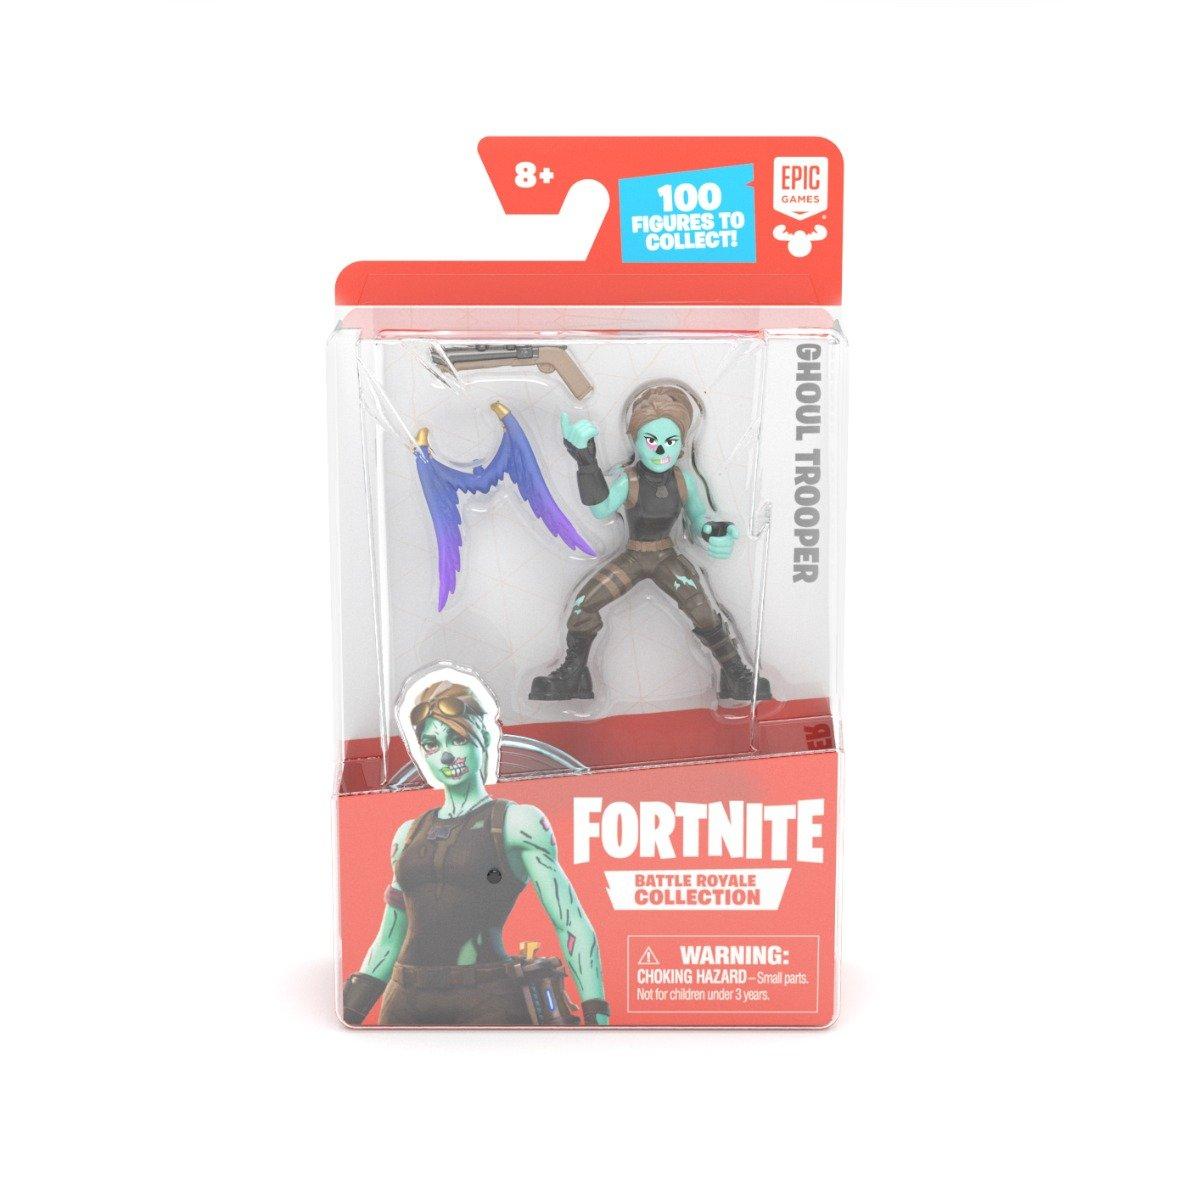 Figurina articulata cu accesorii Fortnite, Ghoul Trooper, S1, W4